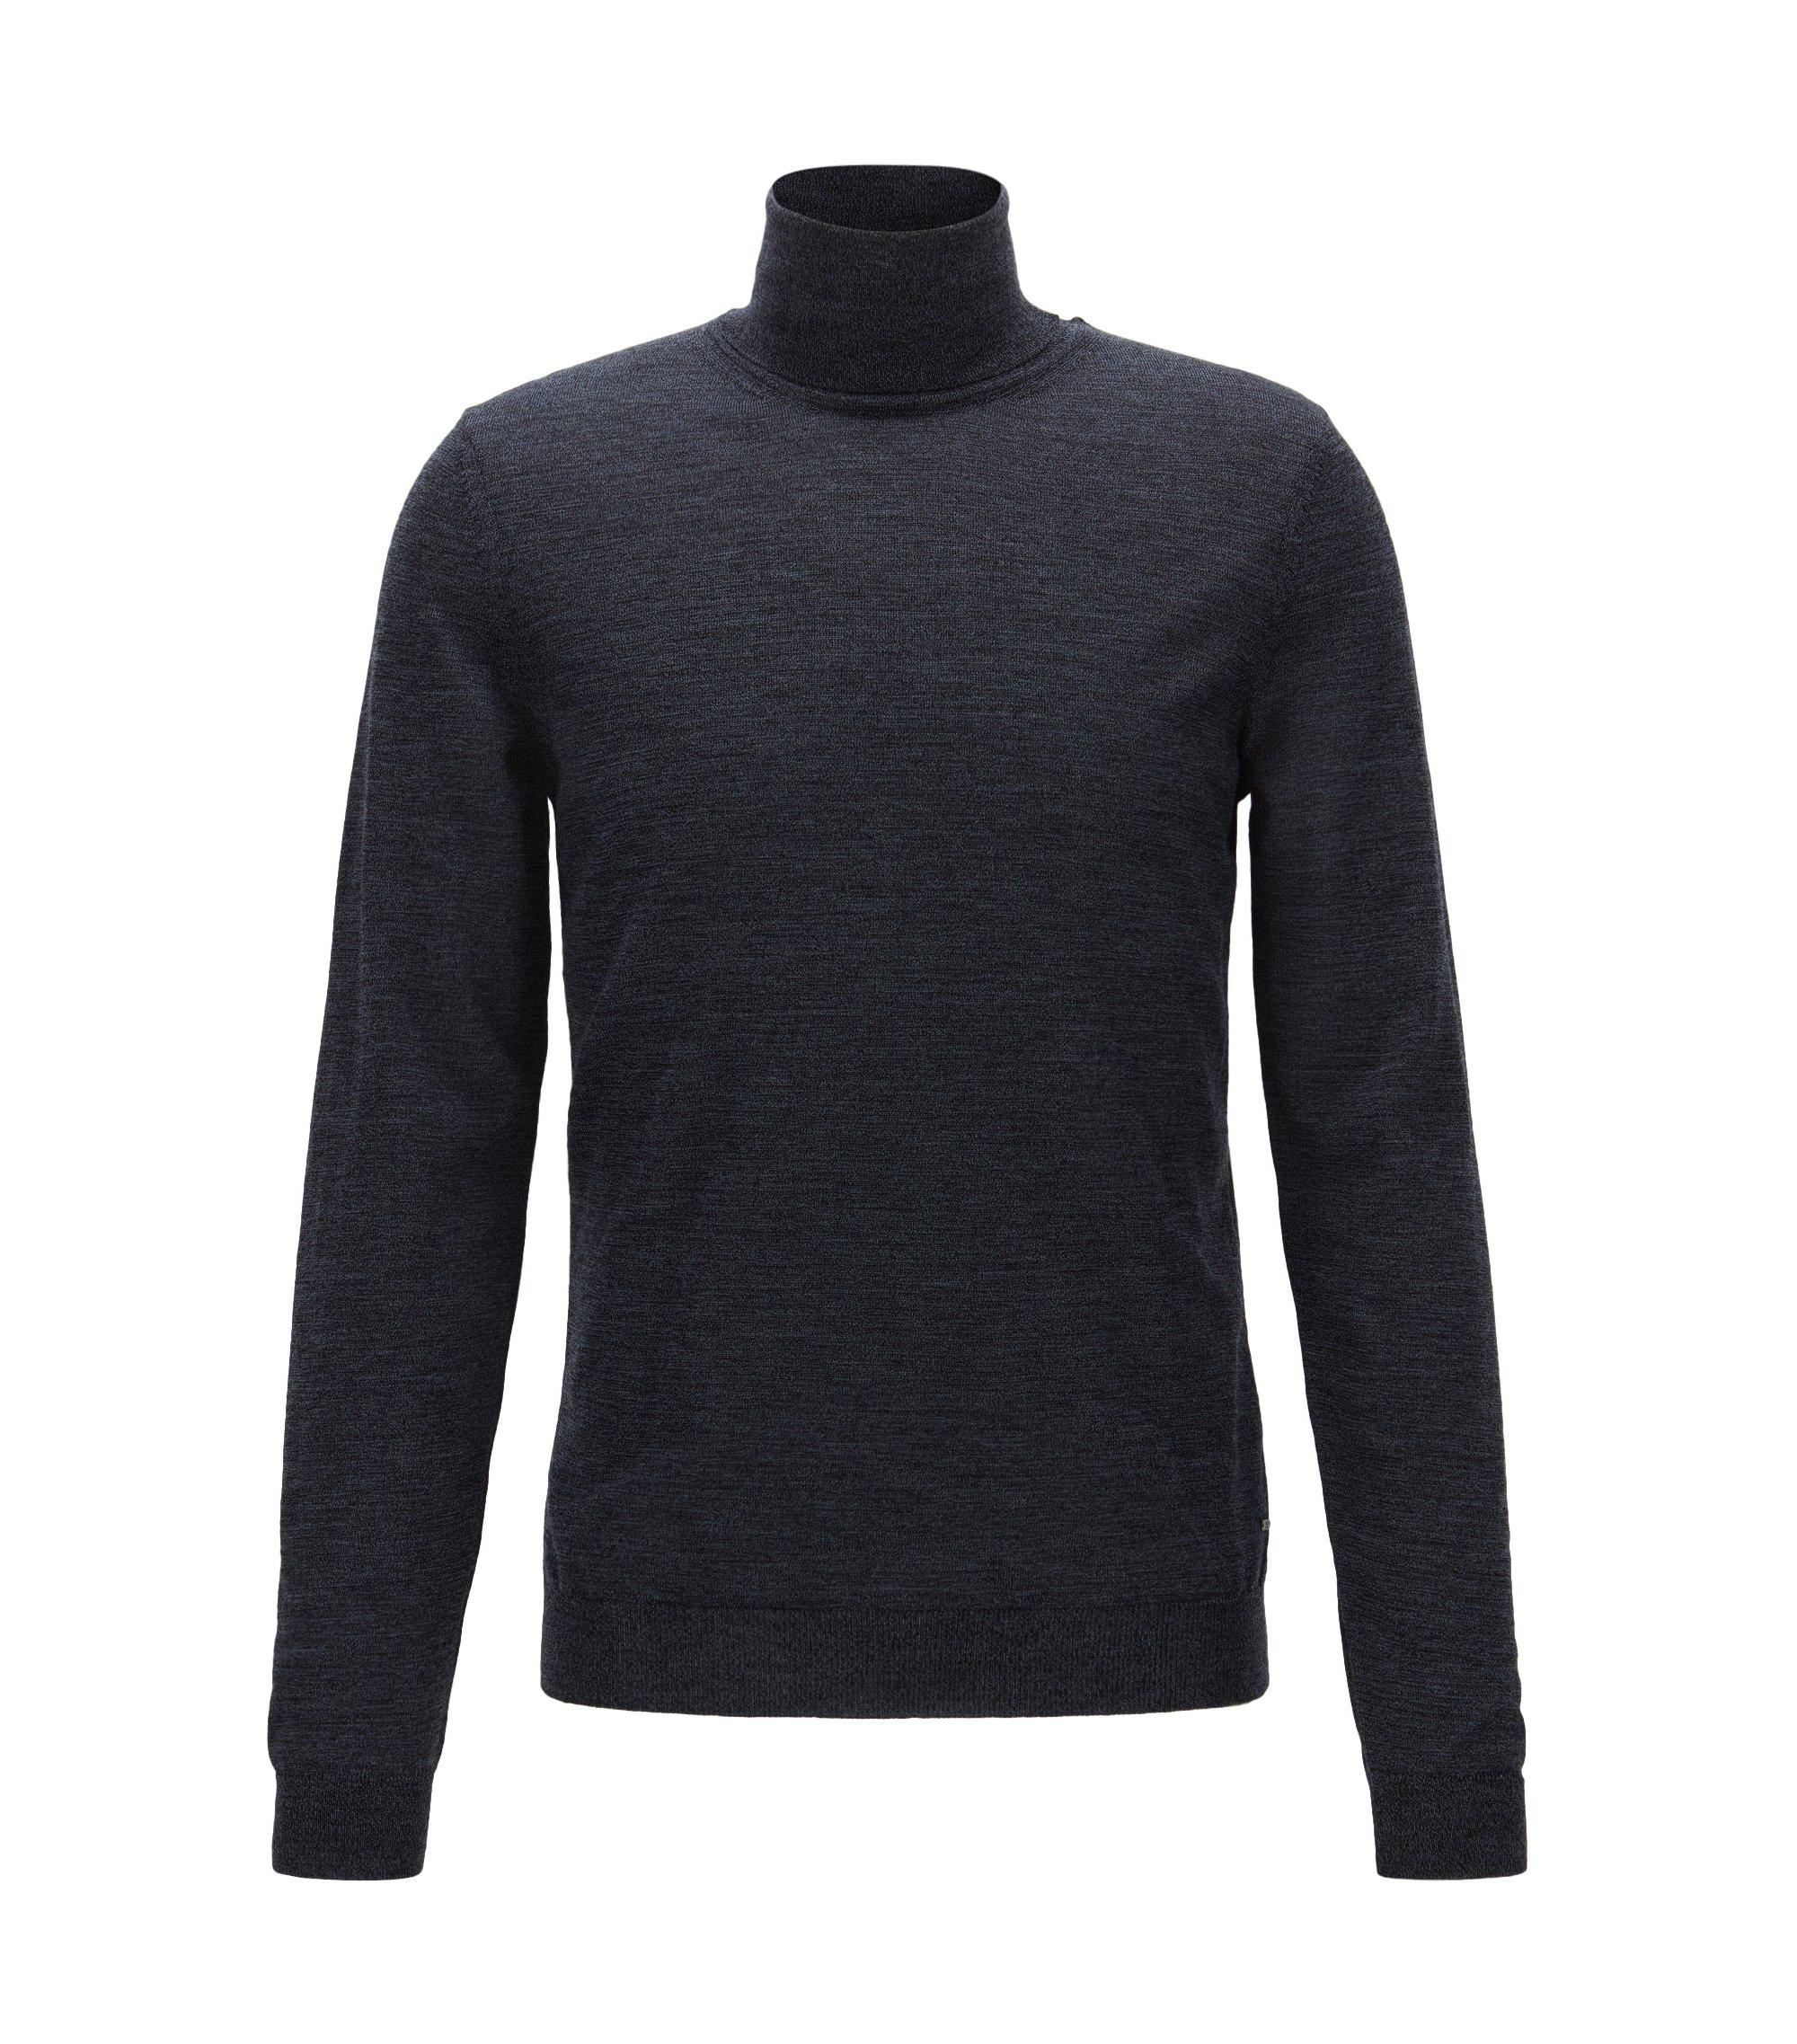 Slim-fit coltrui van wol, Donkerblauw